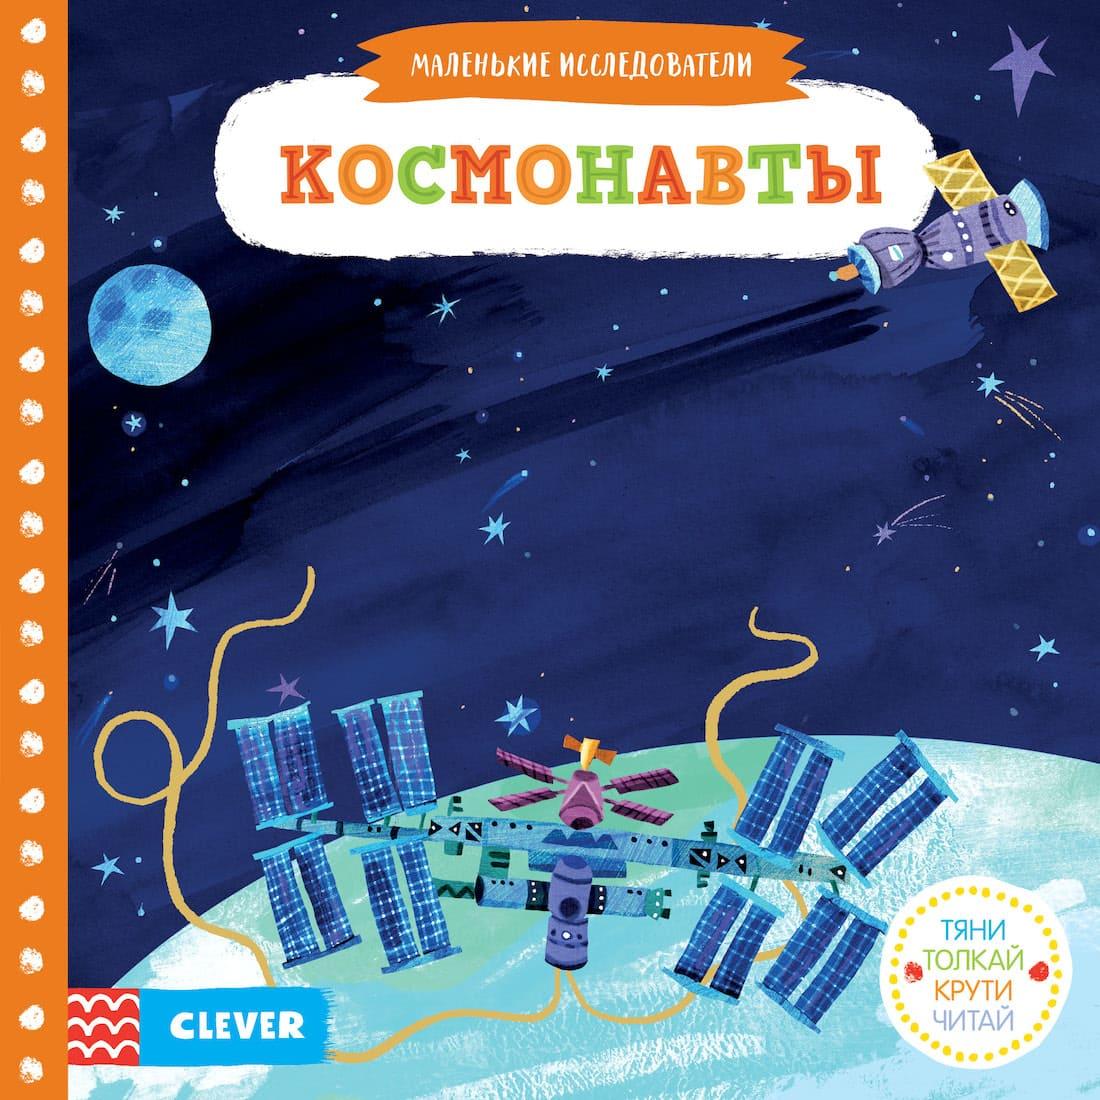 Космонавты. Тяни, толкай, крути,читай